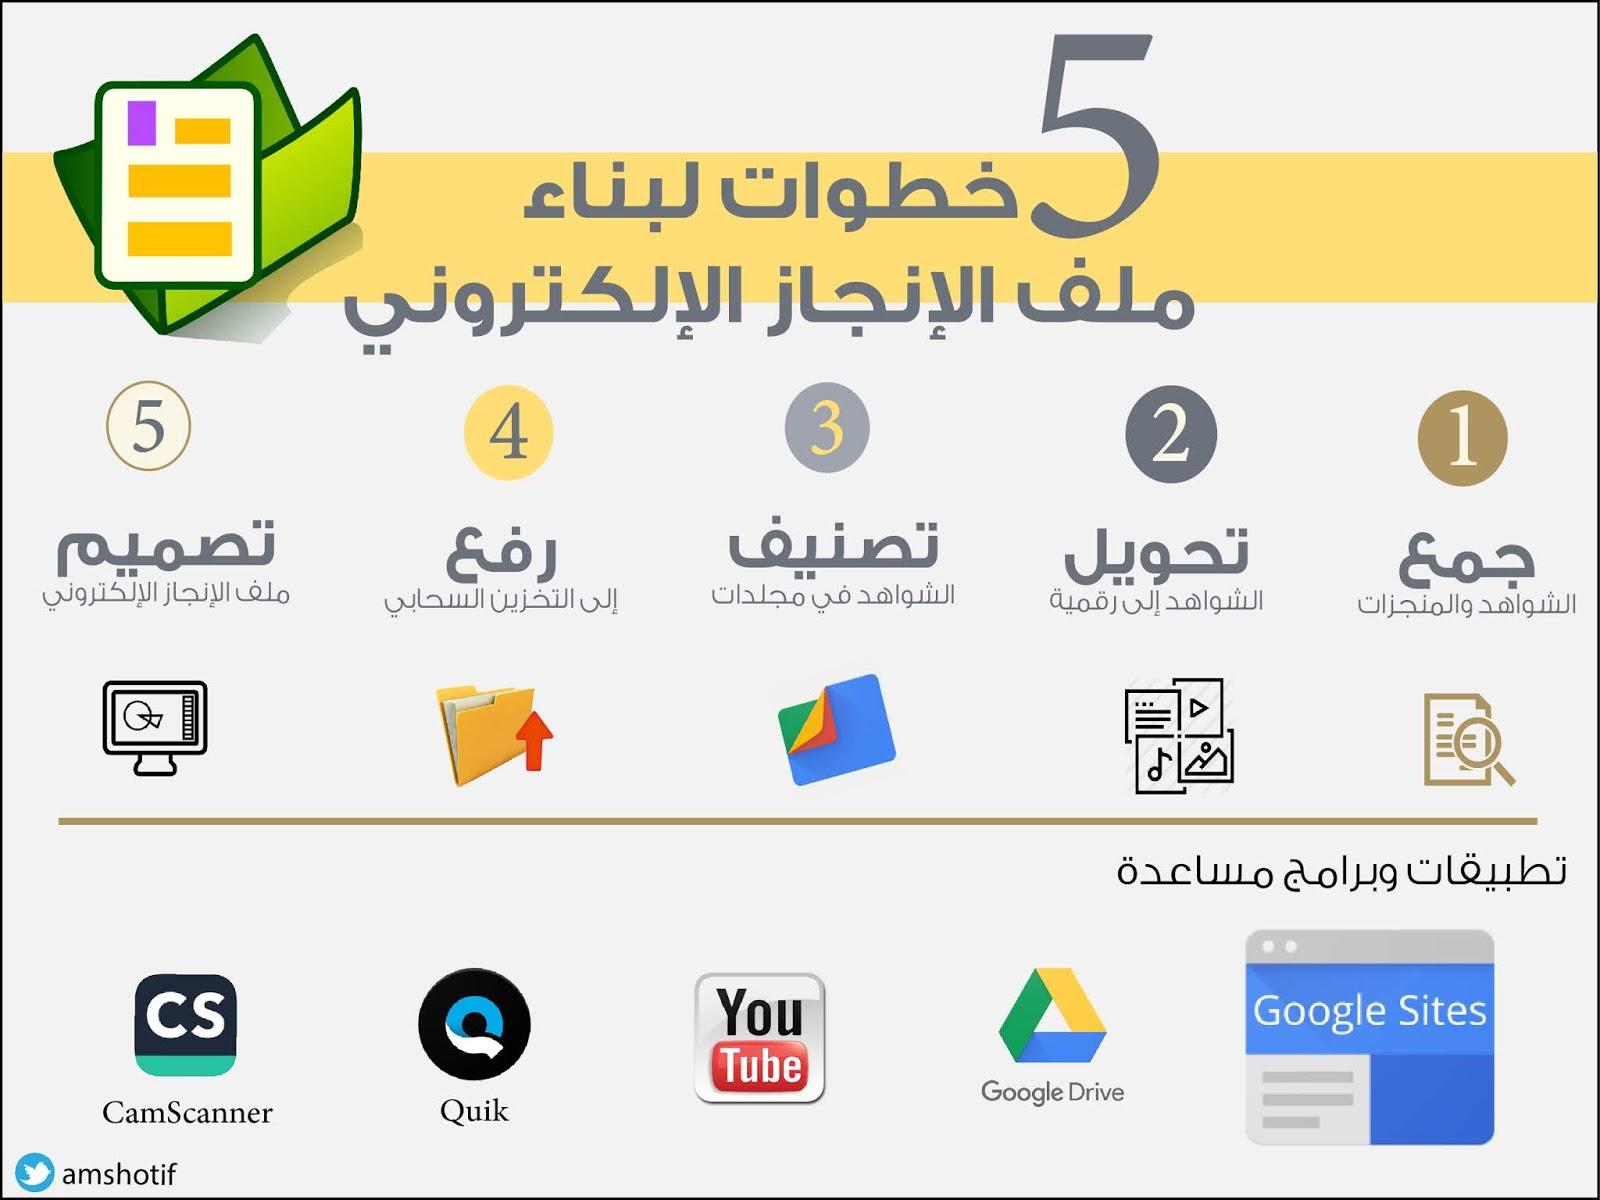 ملف الإنجاز الإلكتروني إبراهيم بن محمد آل شطيف مشرف تربوي